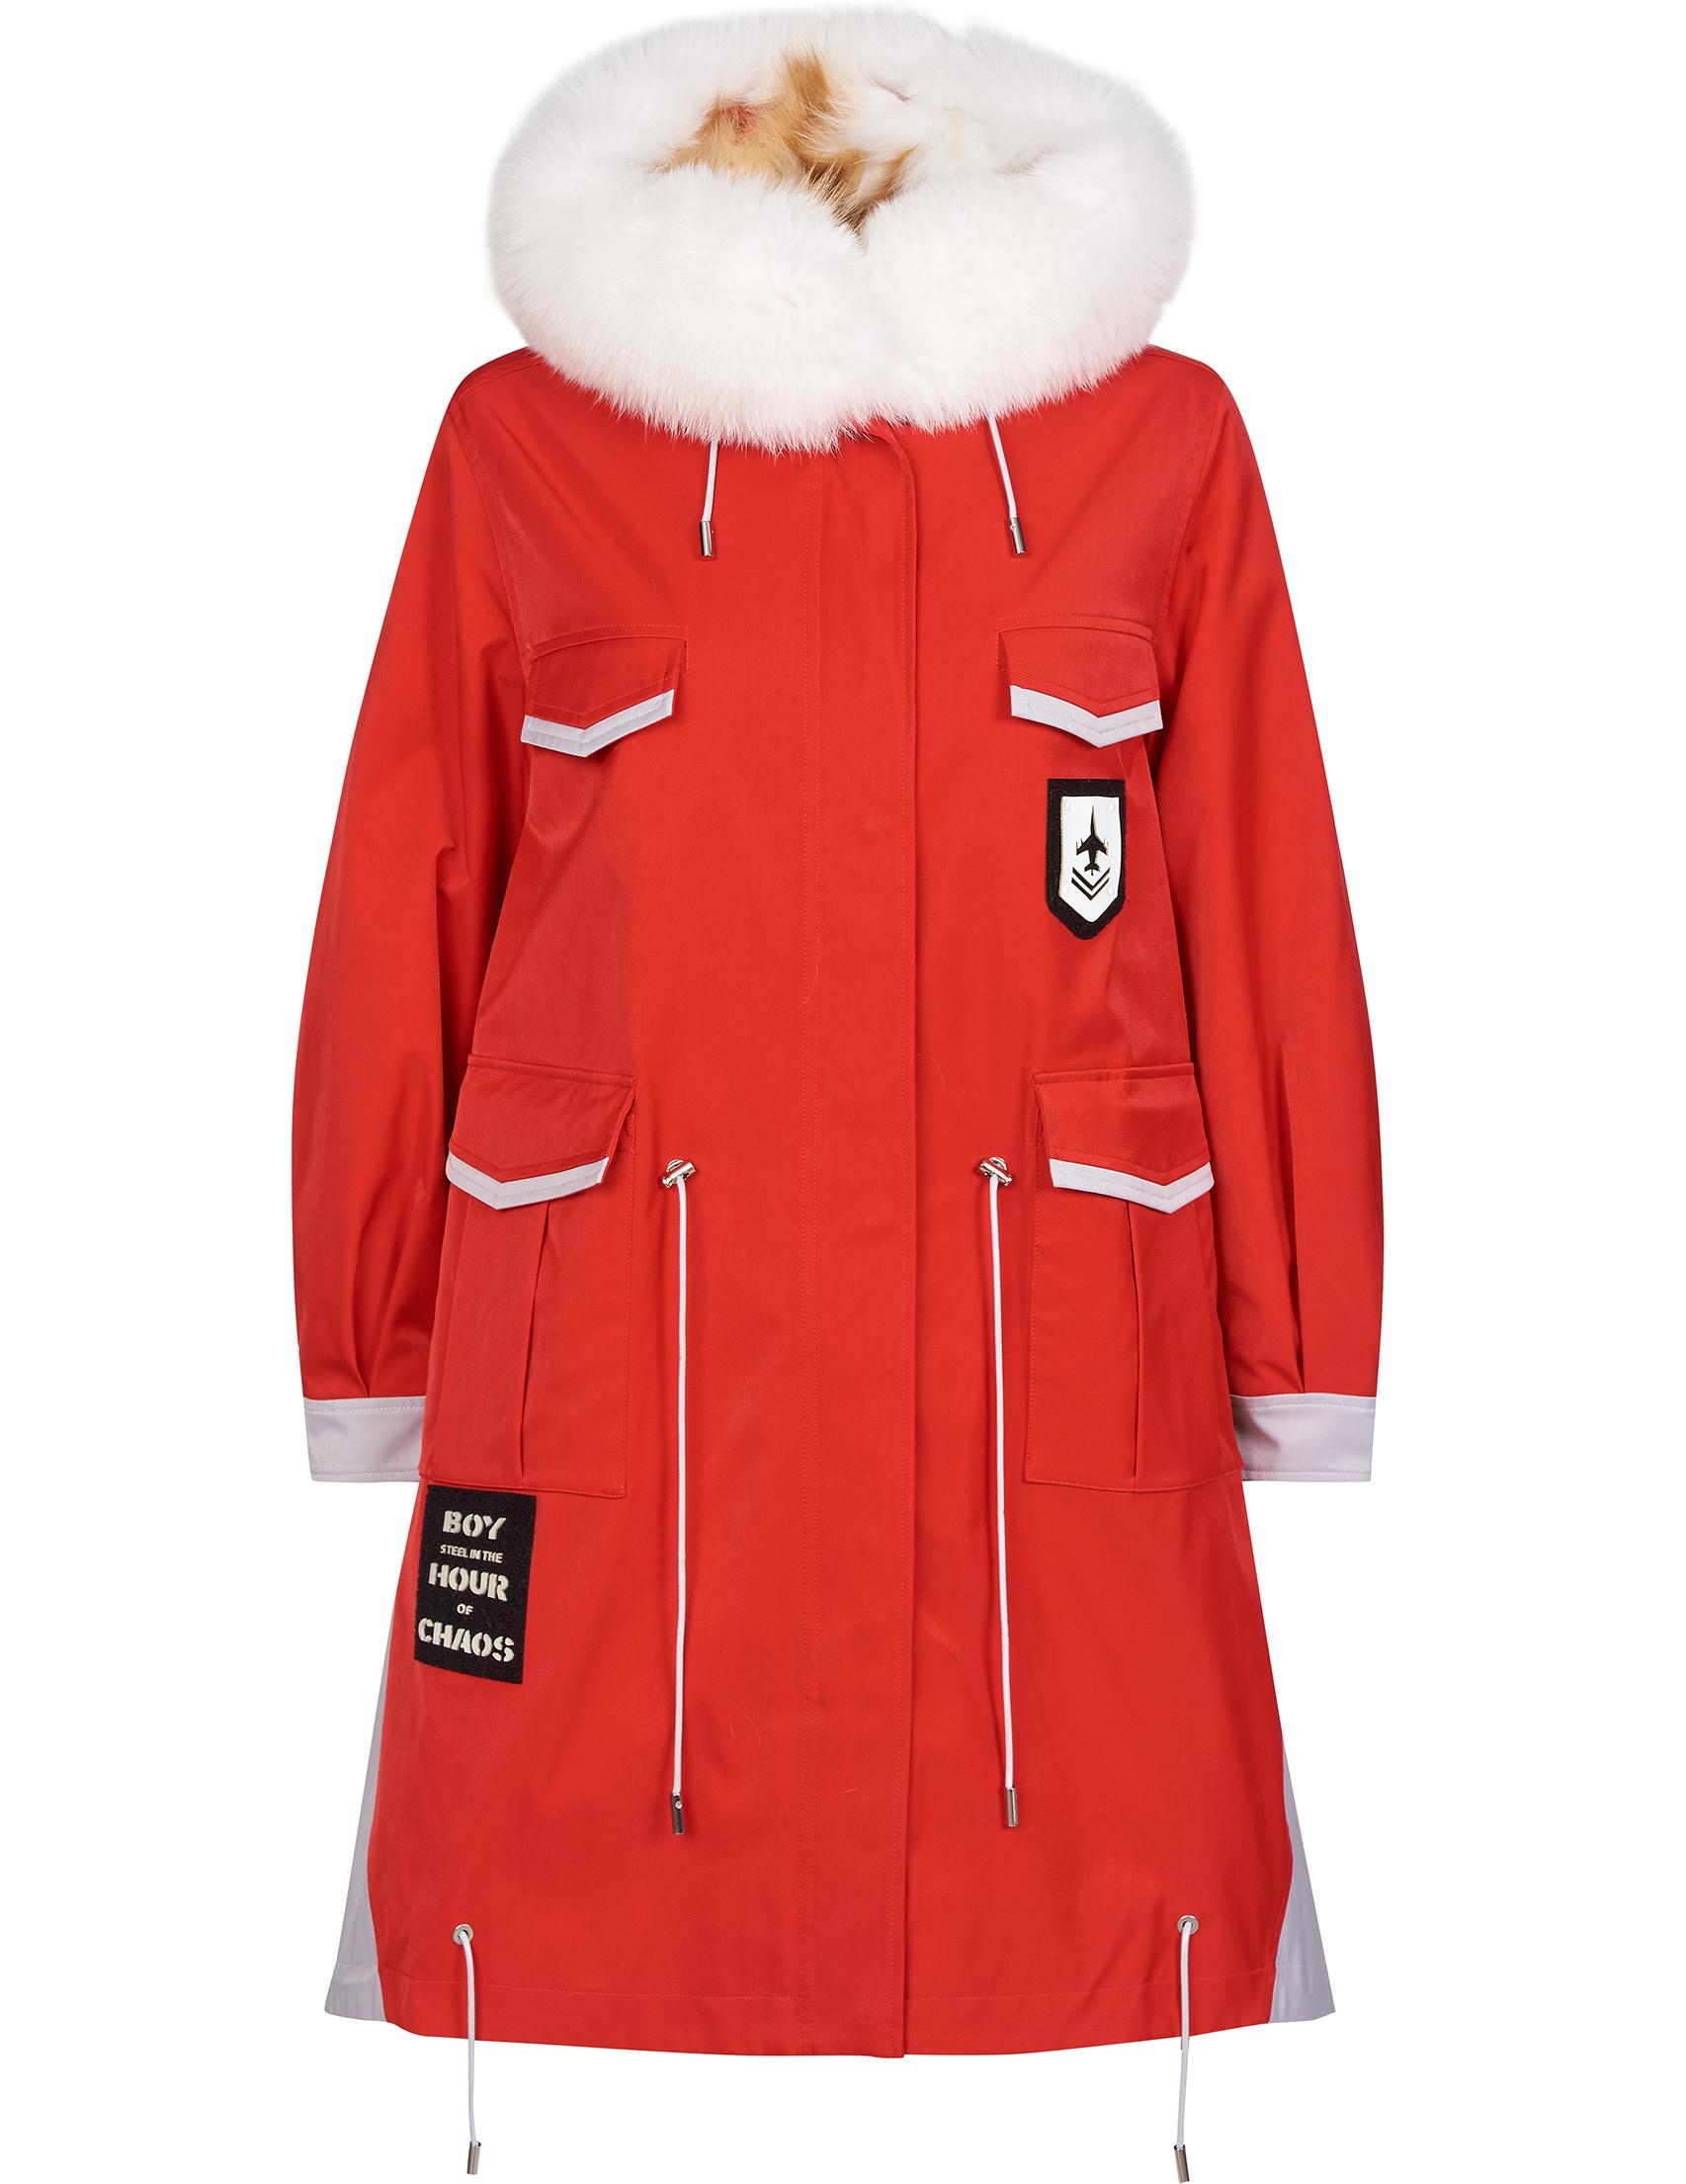 Купить Куртки, Куртка, BLAUER, Красный, 100%Полиэстер;100%Мех, Осень-Зима